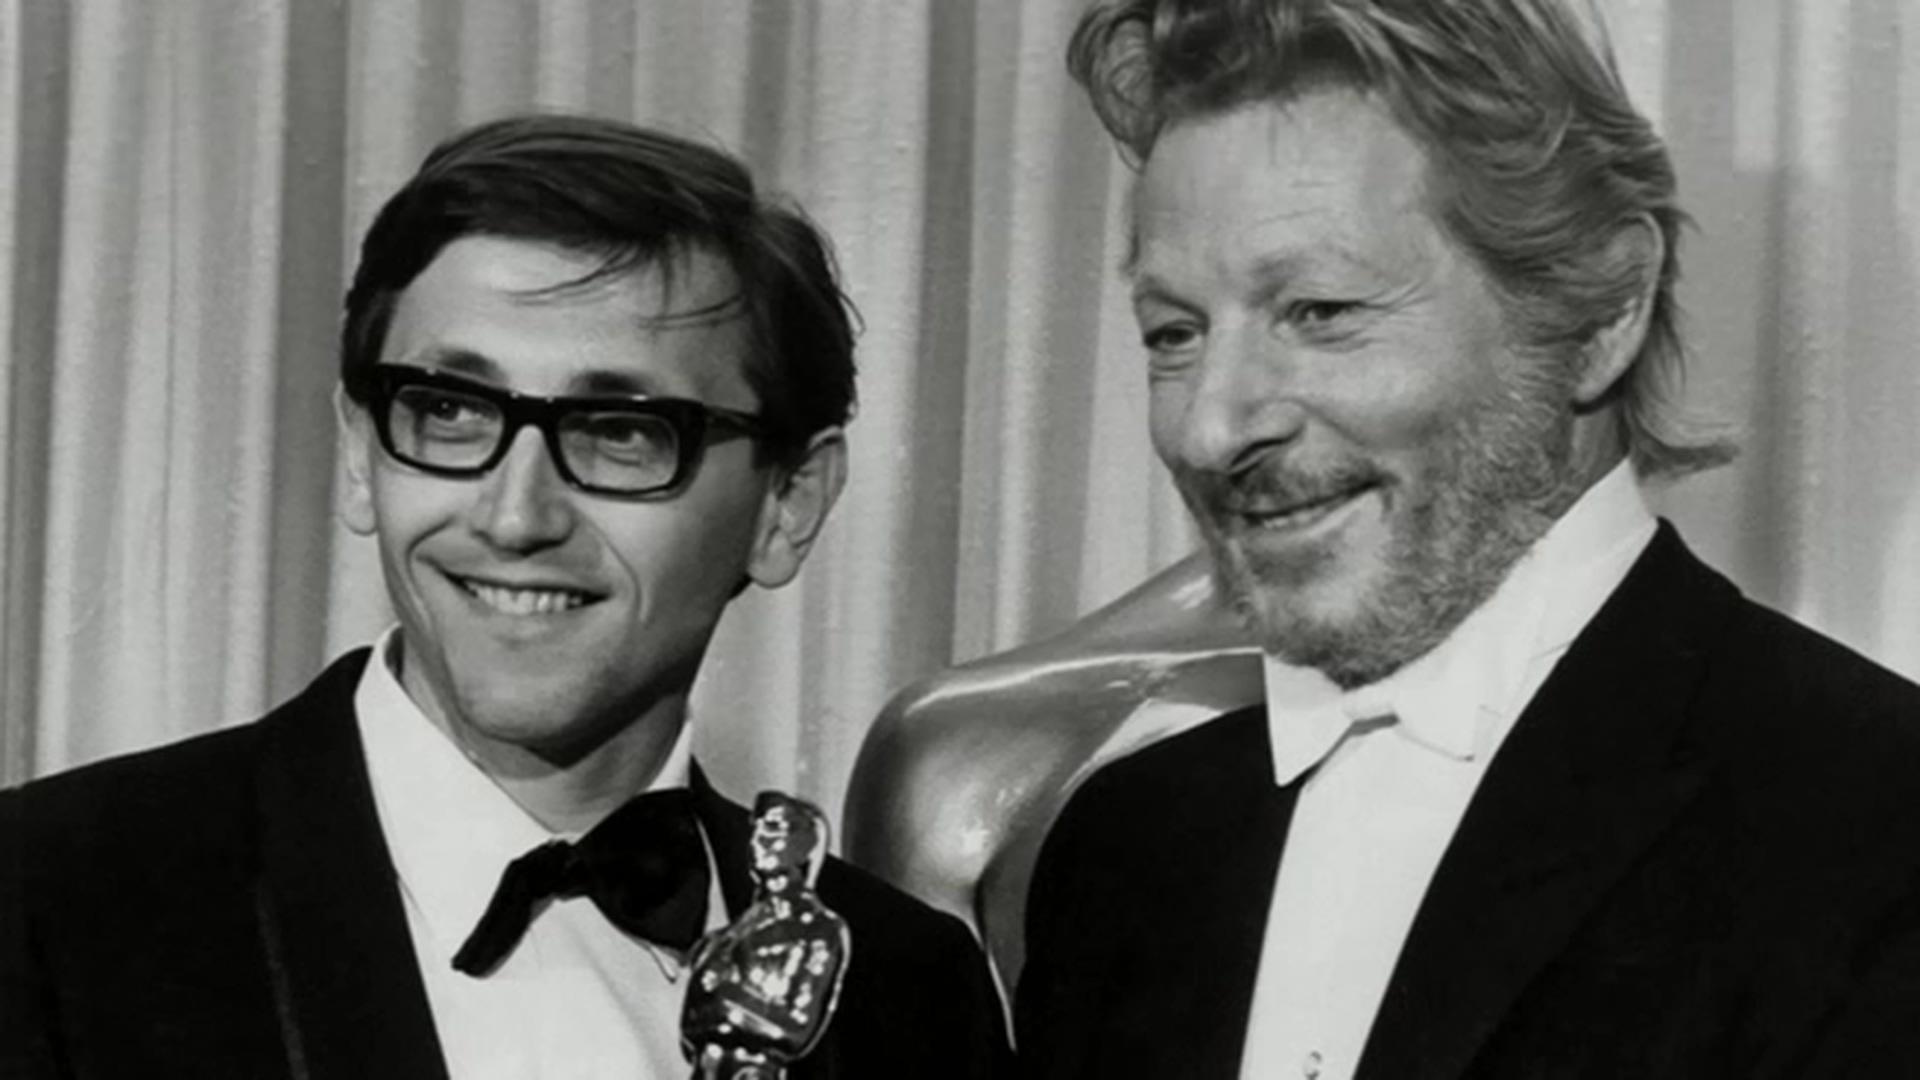 1968年,年仅30岁的伊利·曼佐(左)凭借《严密监视的列车》拿下奥斯卡最佳外语片奖